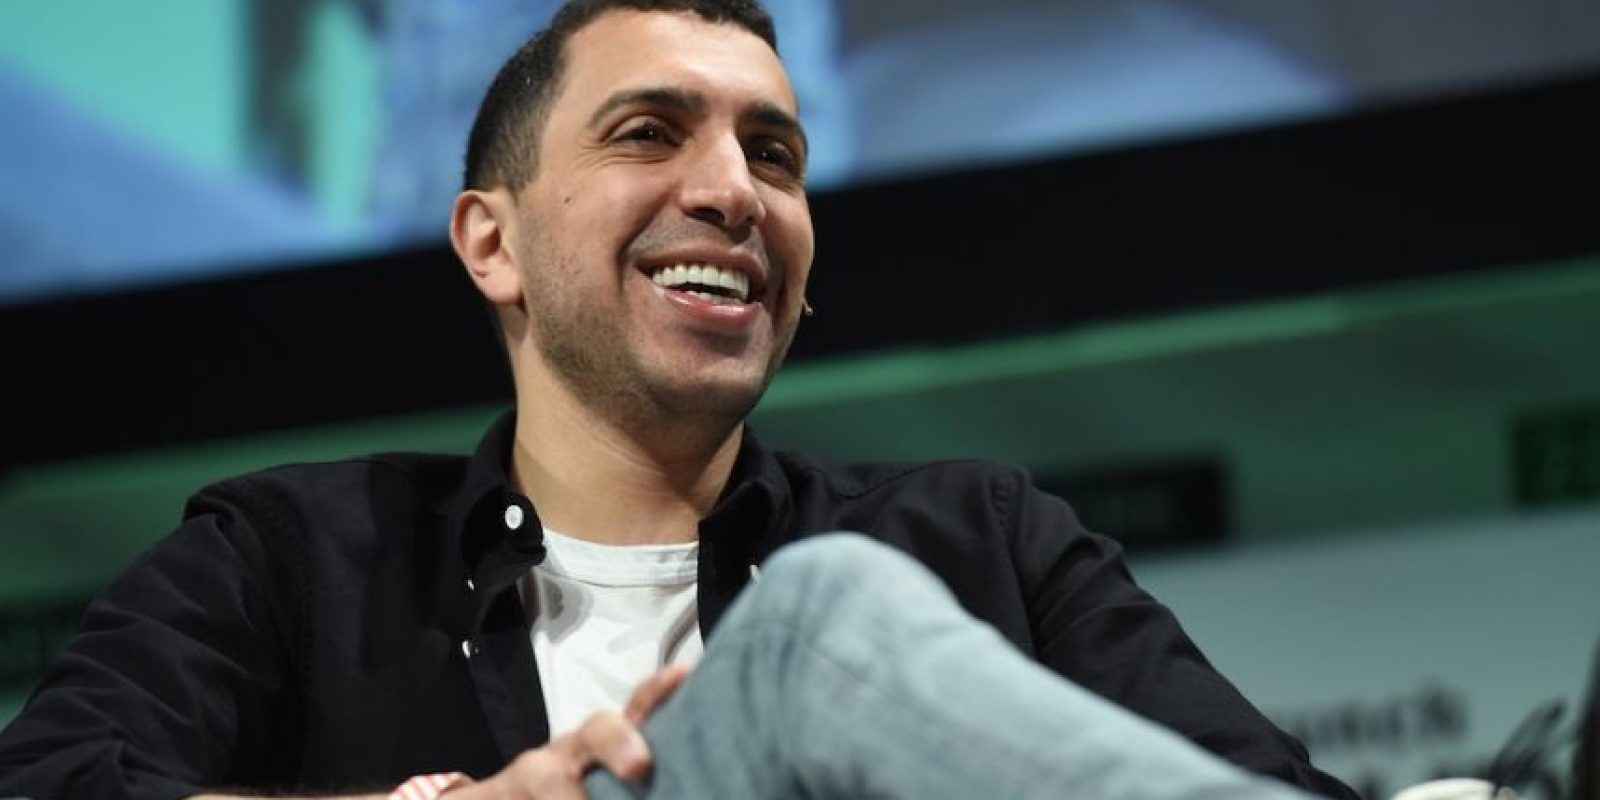 El estadounidense Sean Rad, de 28 años, es uno de los cofundadores de Tinder, una app lanzada en 2011 que permite conocer gente con base en sus preferencias. Foto:Getty Images